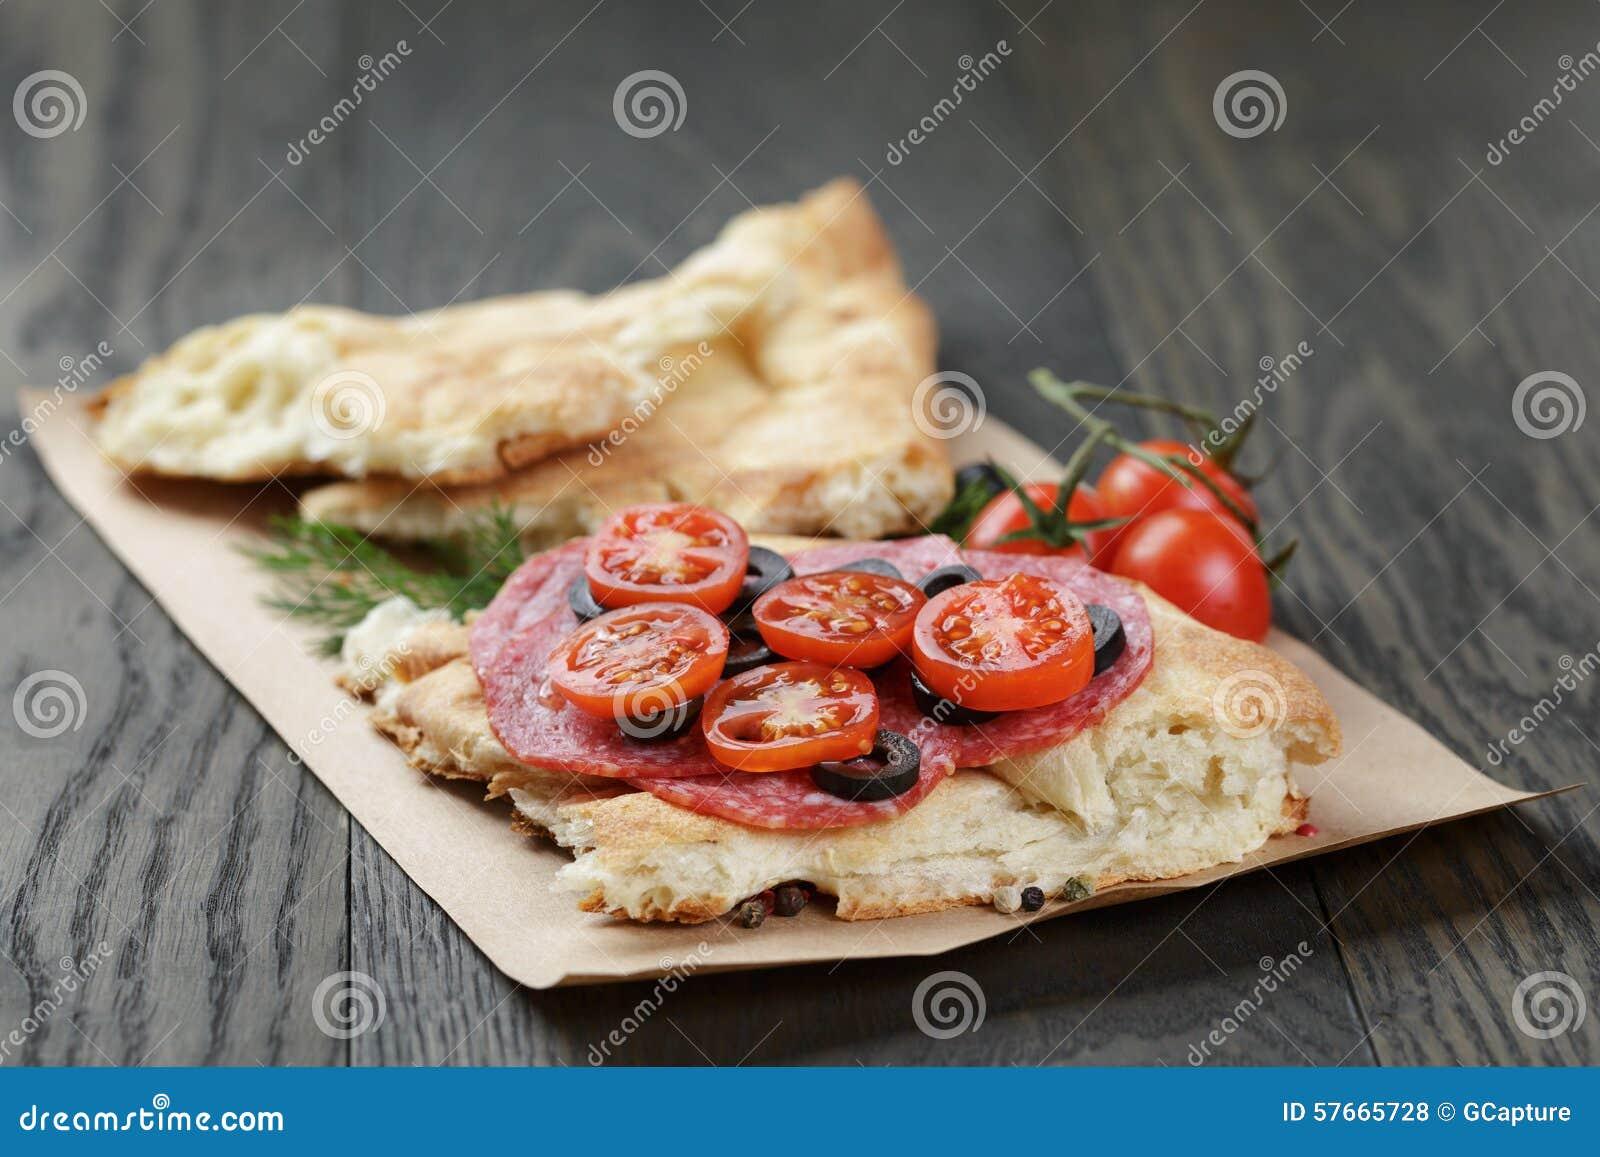 Ściska z pita chlebowym salami dalej warzywami i